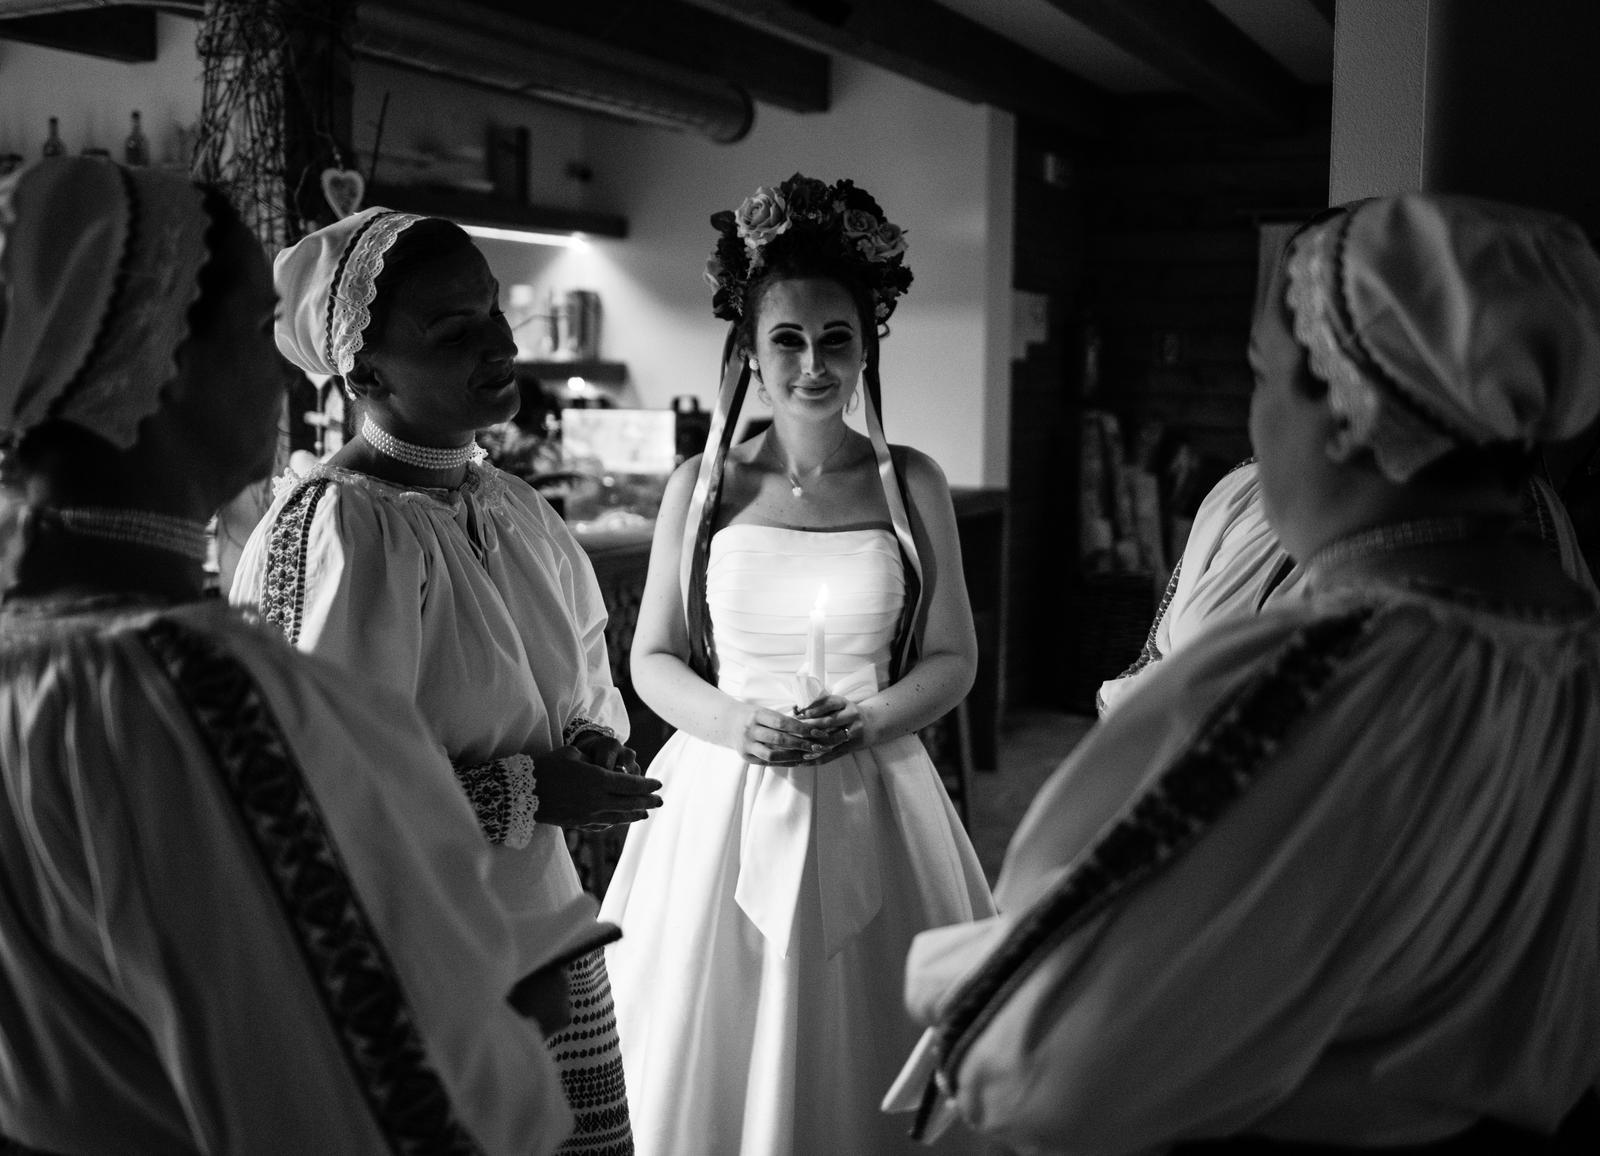 My jsme měli svatbu... - Obrázek č. 1